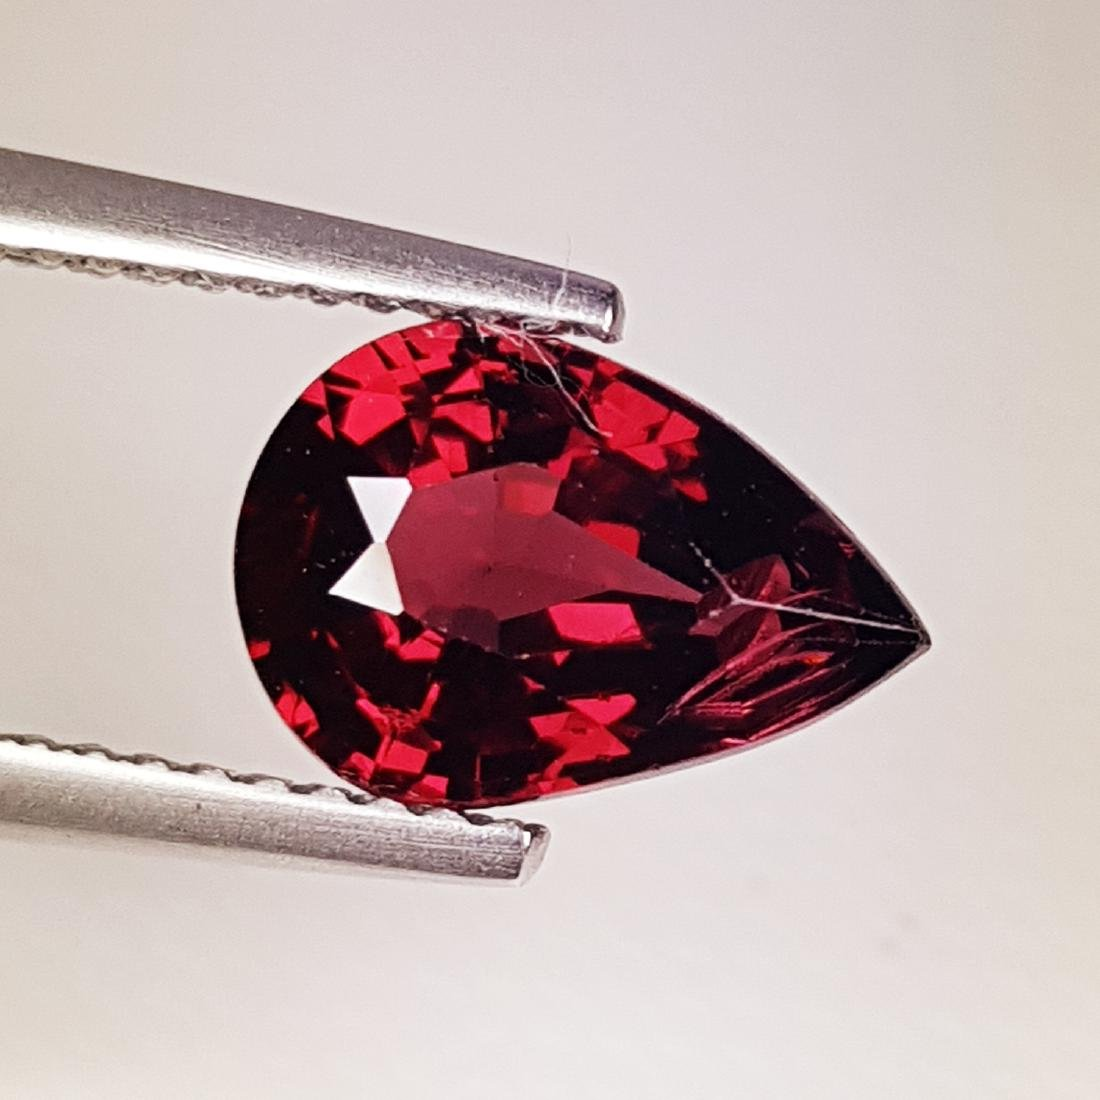 Beautiful Natural Rhodolite Garnet - 2.59 ct